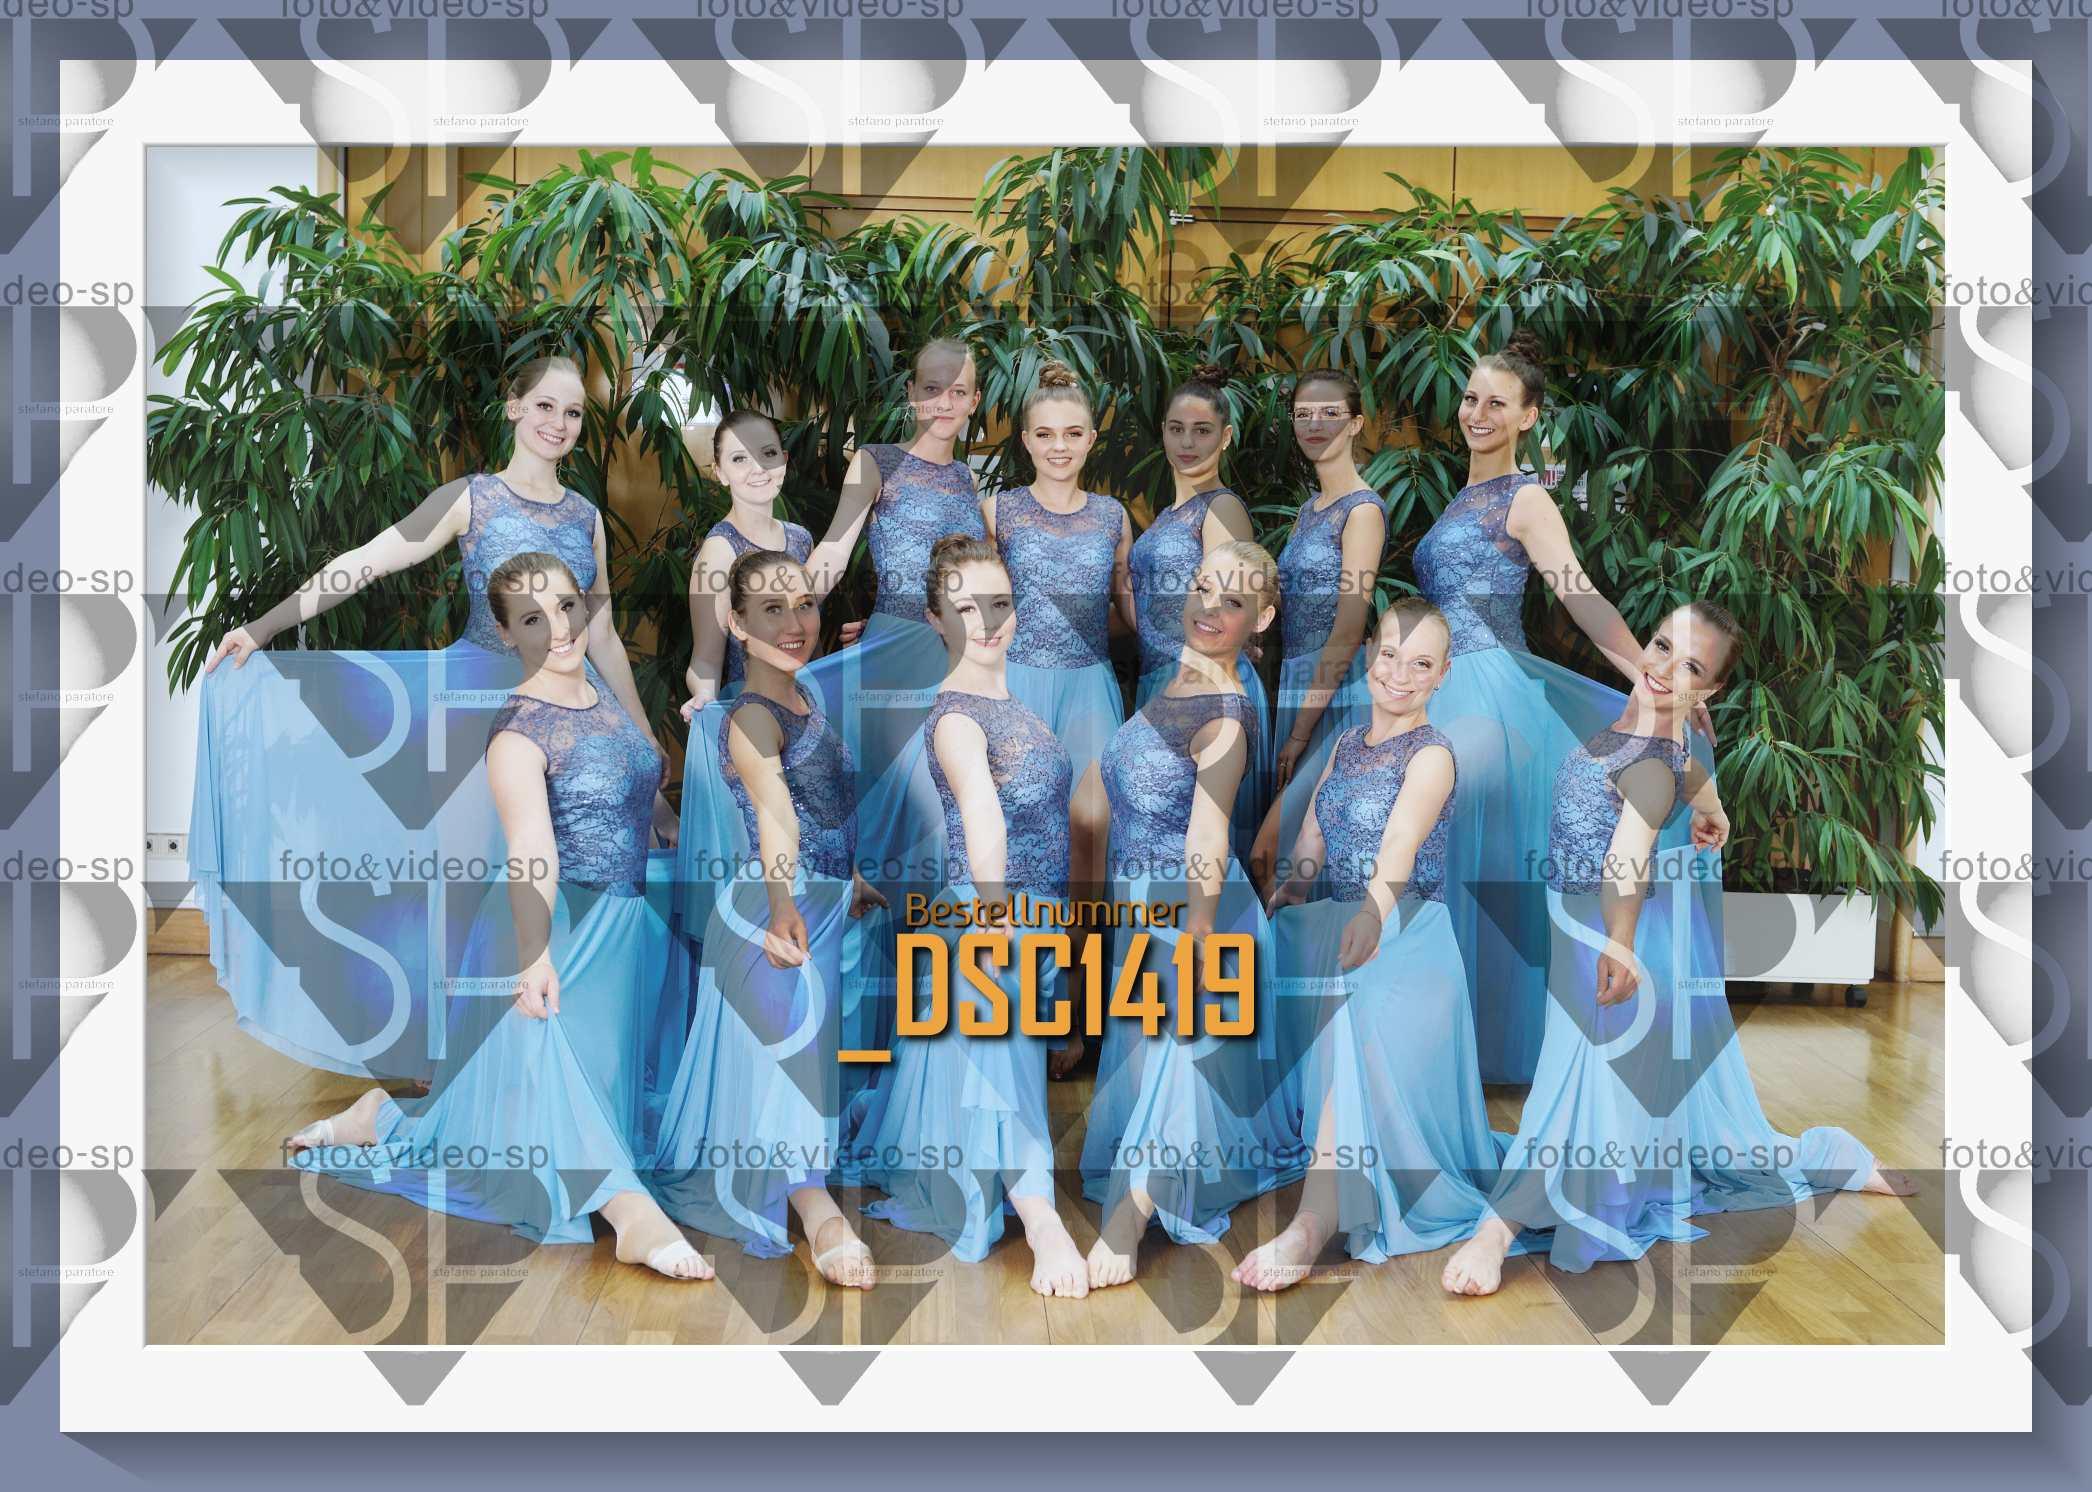 DSC1419